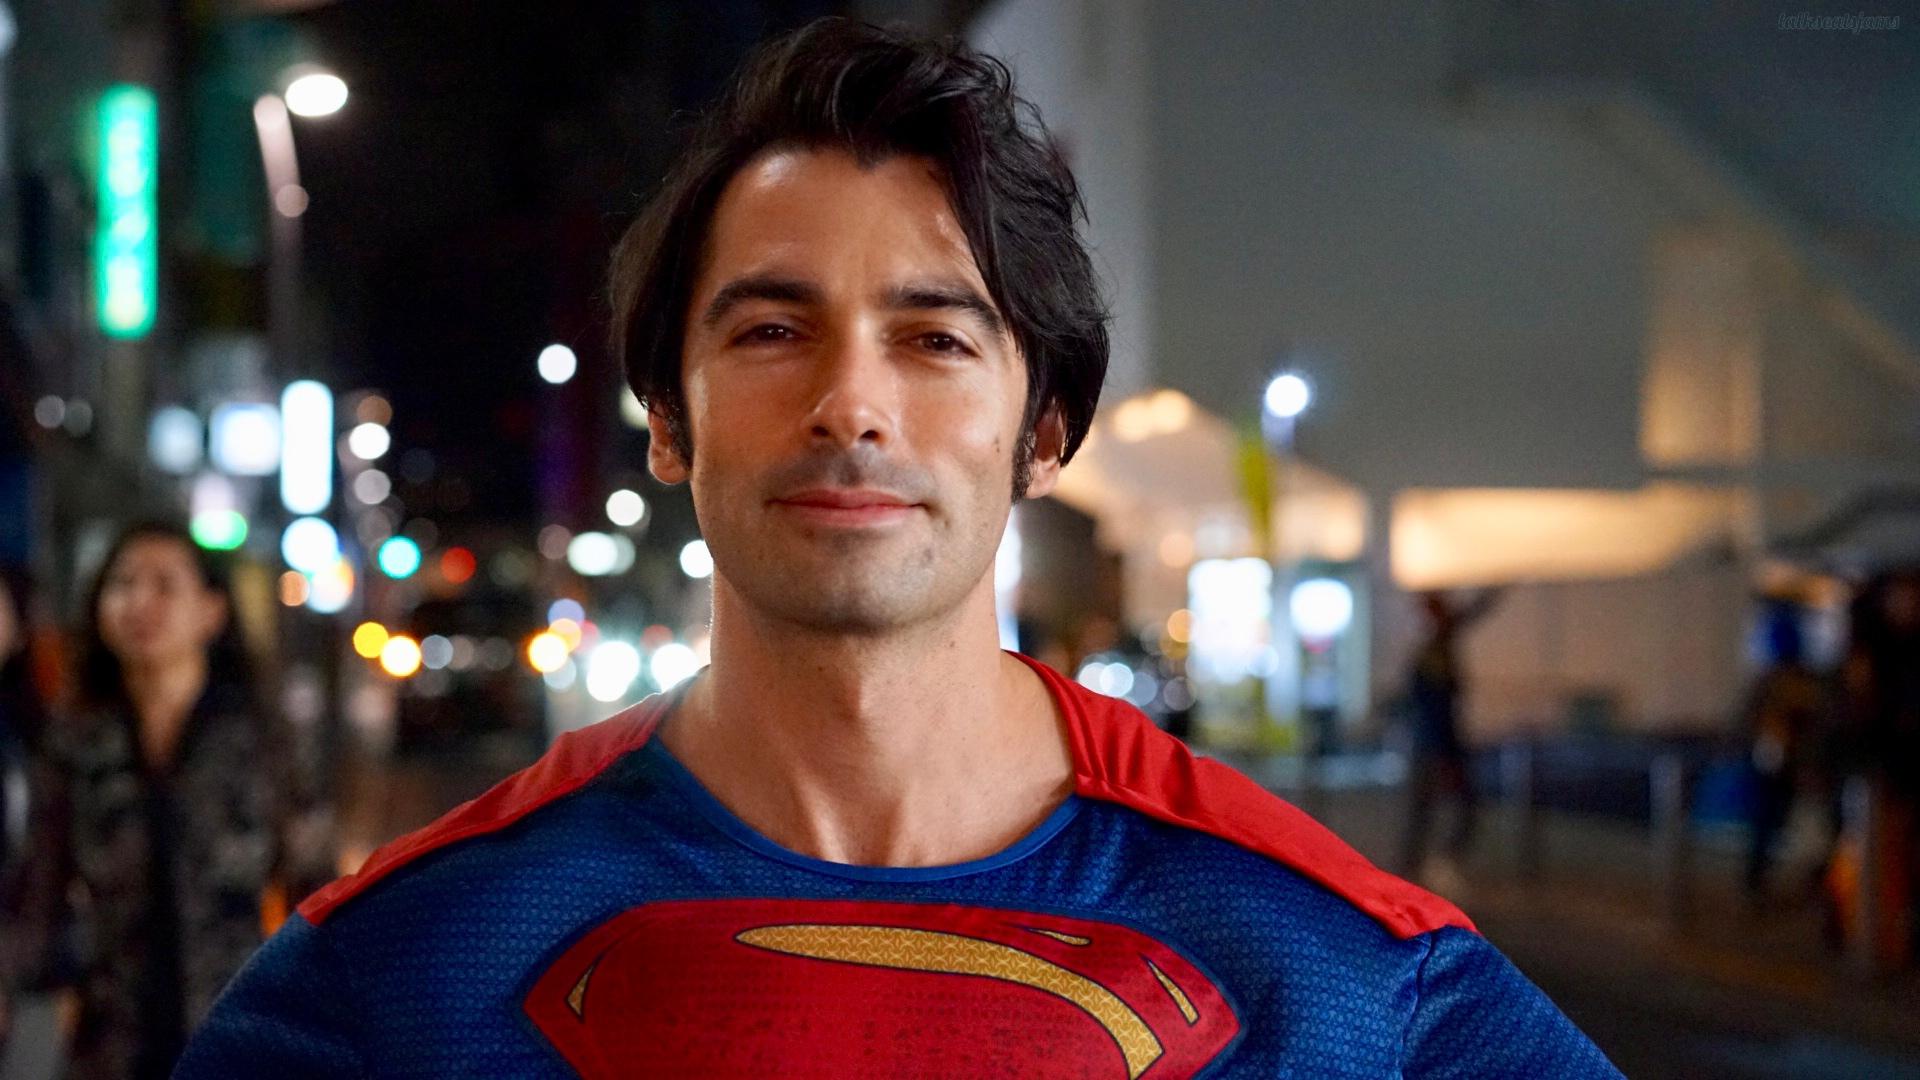 I'm No Superman...